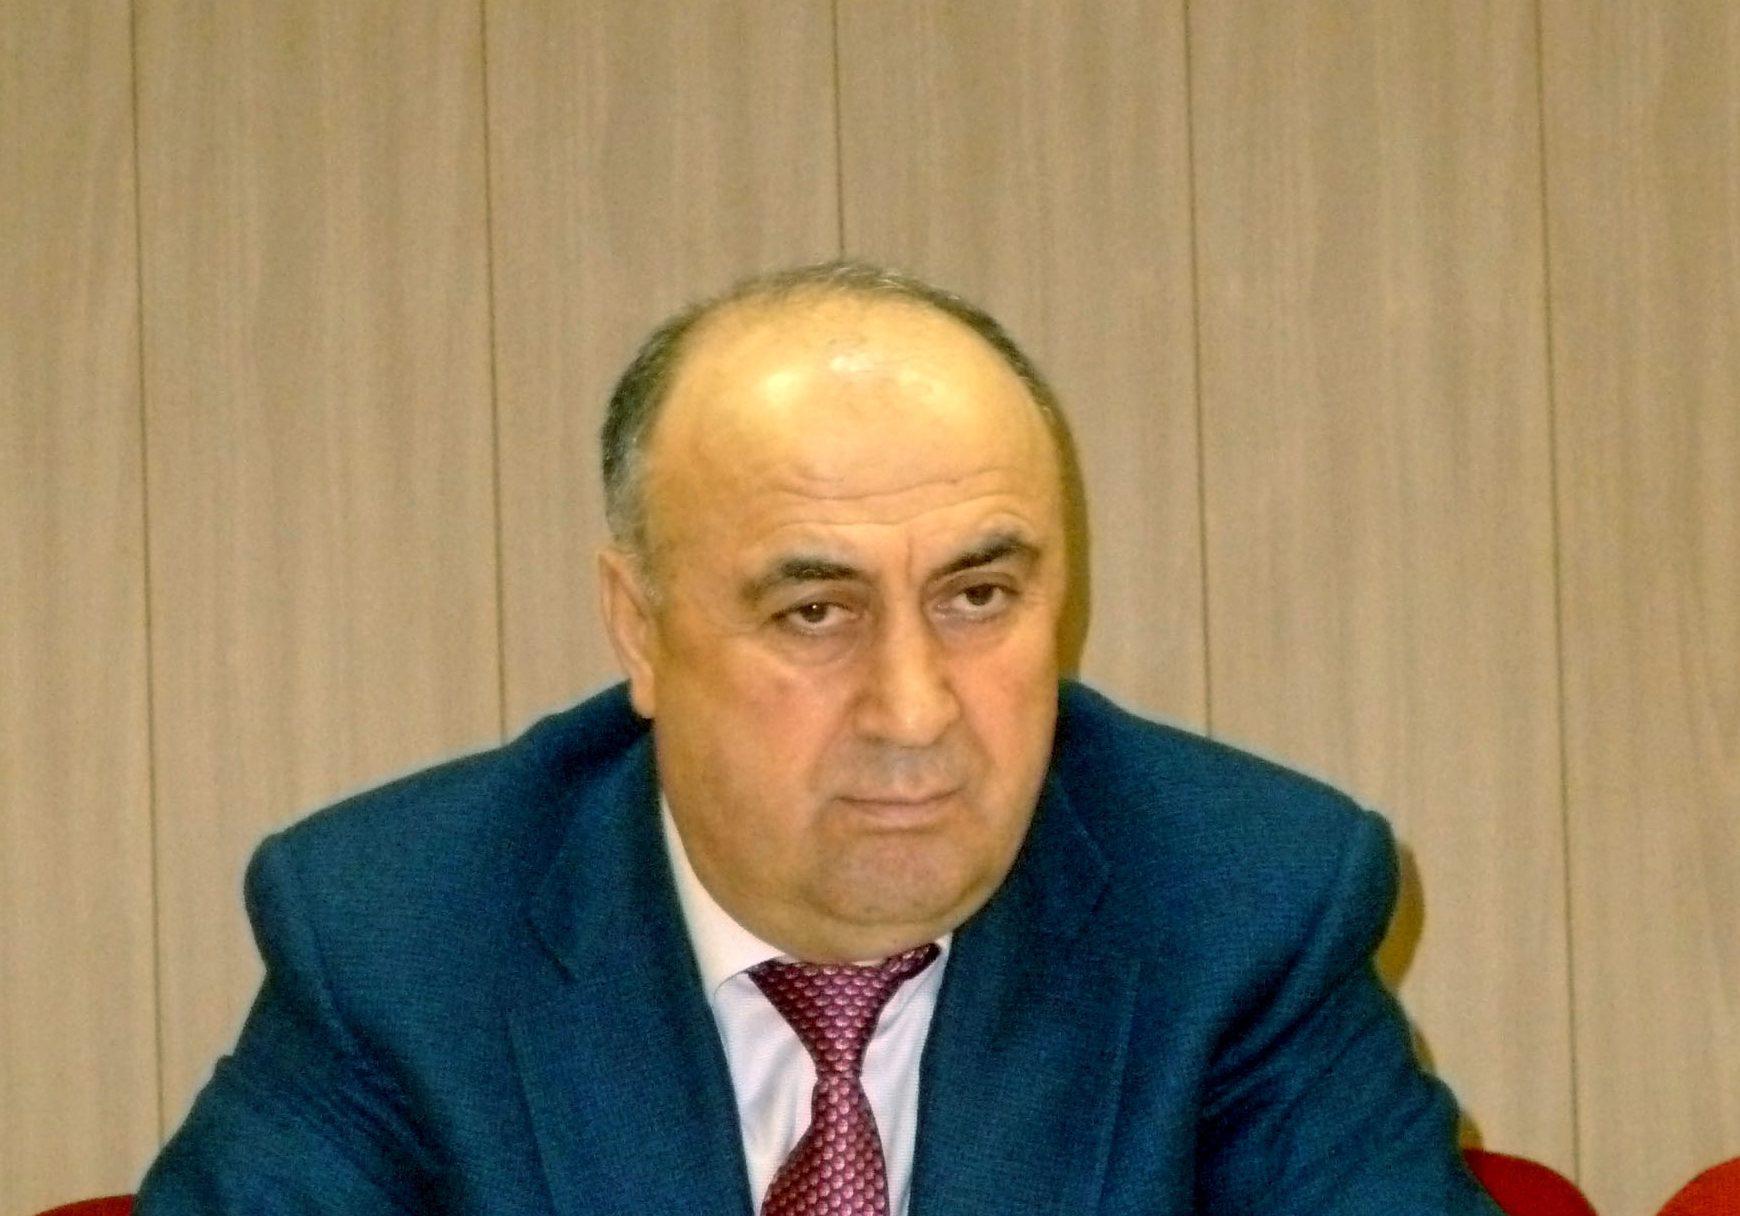 Глава бюро МСЭ Махачев отстранен от должности